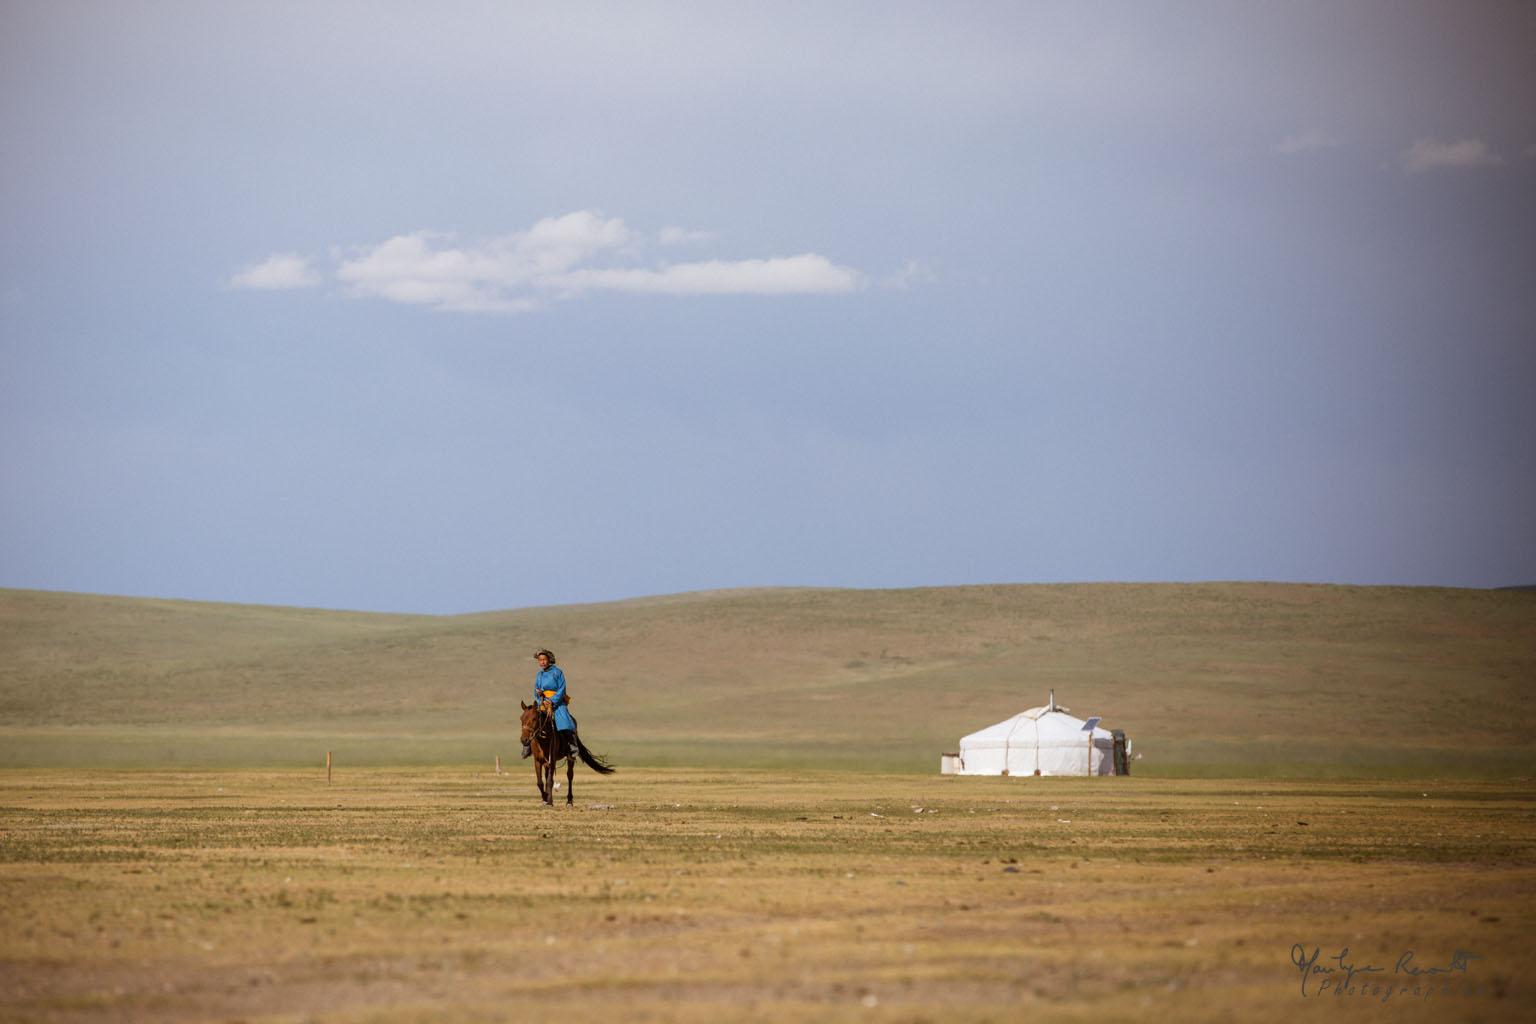 marilyne-renoult-coeur-yourte-mongolie-2